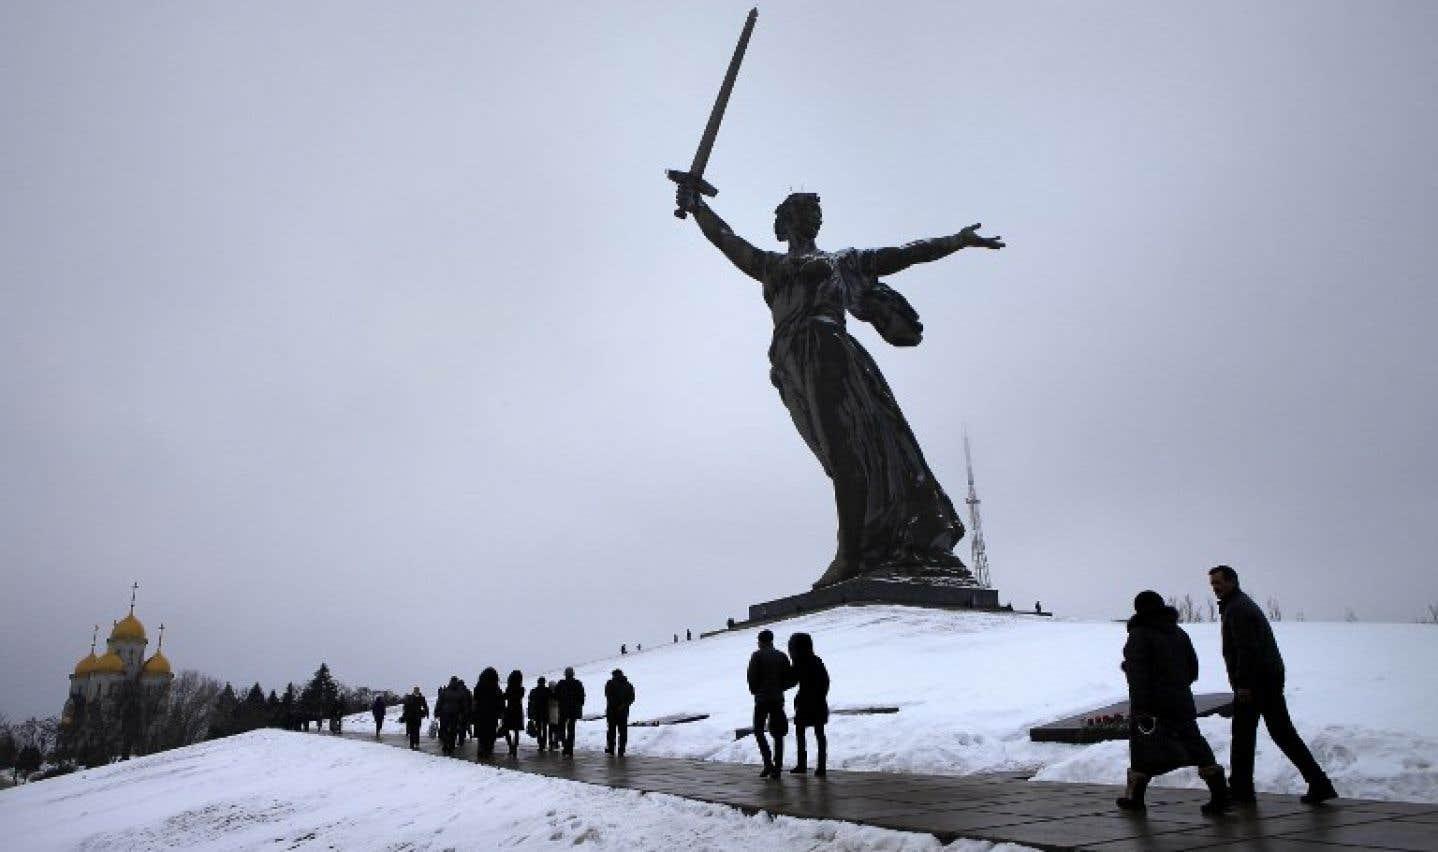 La statue de la Mère-Patrie à Volgograd, anciennement Stalingrad, fait office de mémorial commémorant la célèbre bataille.